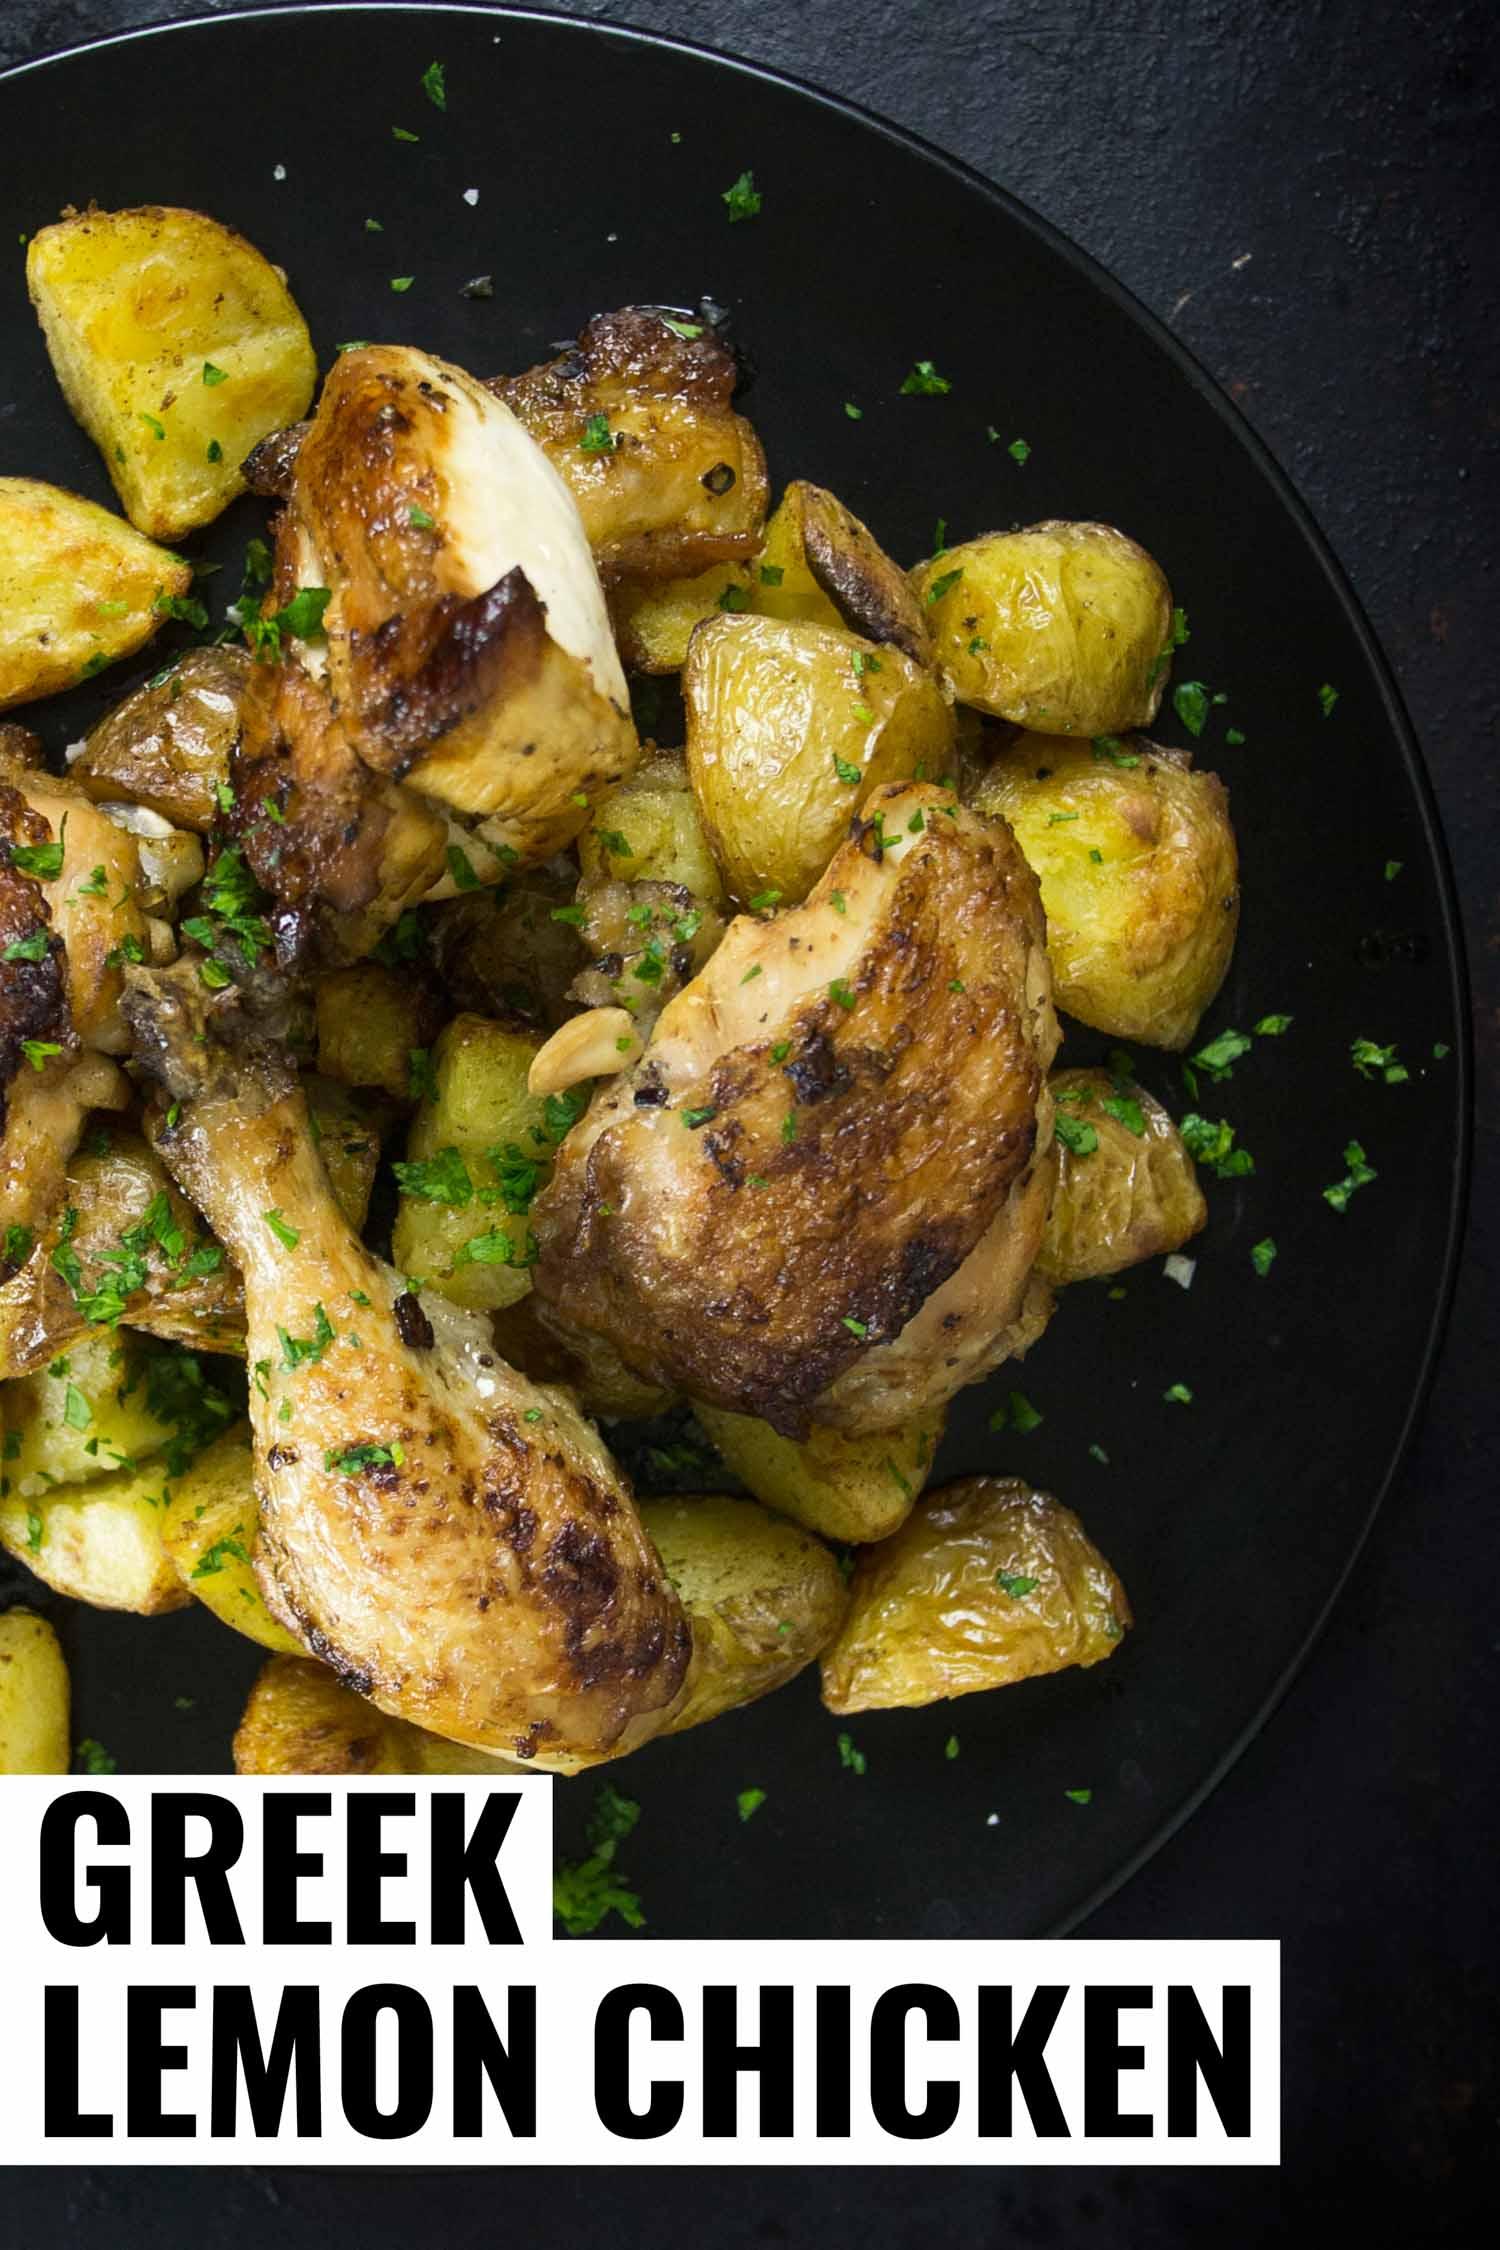 greek lemon chicken on a black plate